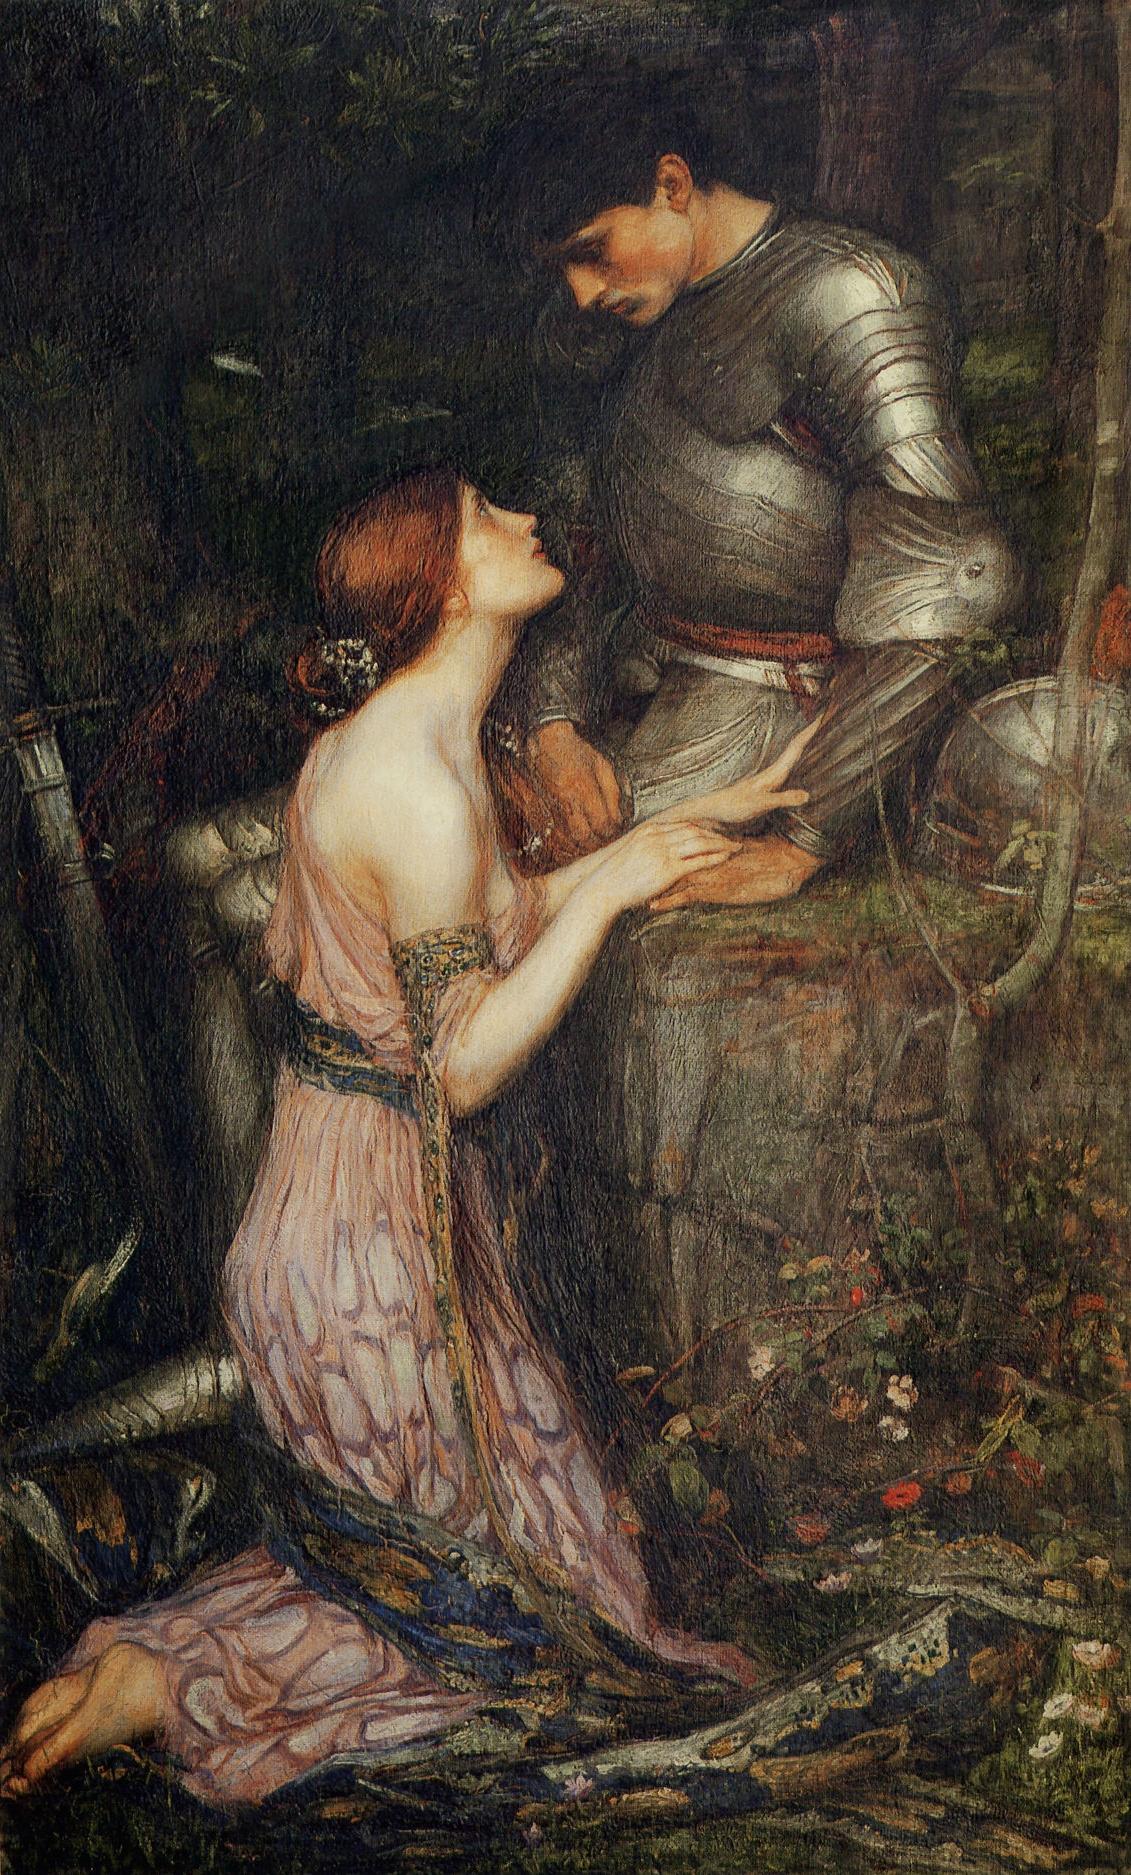 Рыцарь и девушка 16 фотография